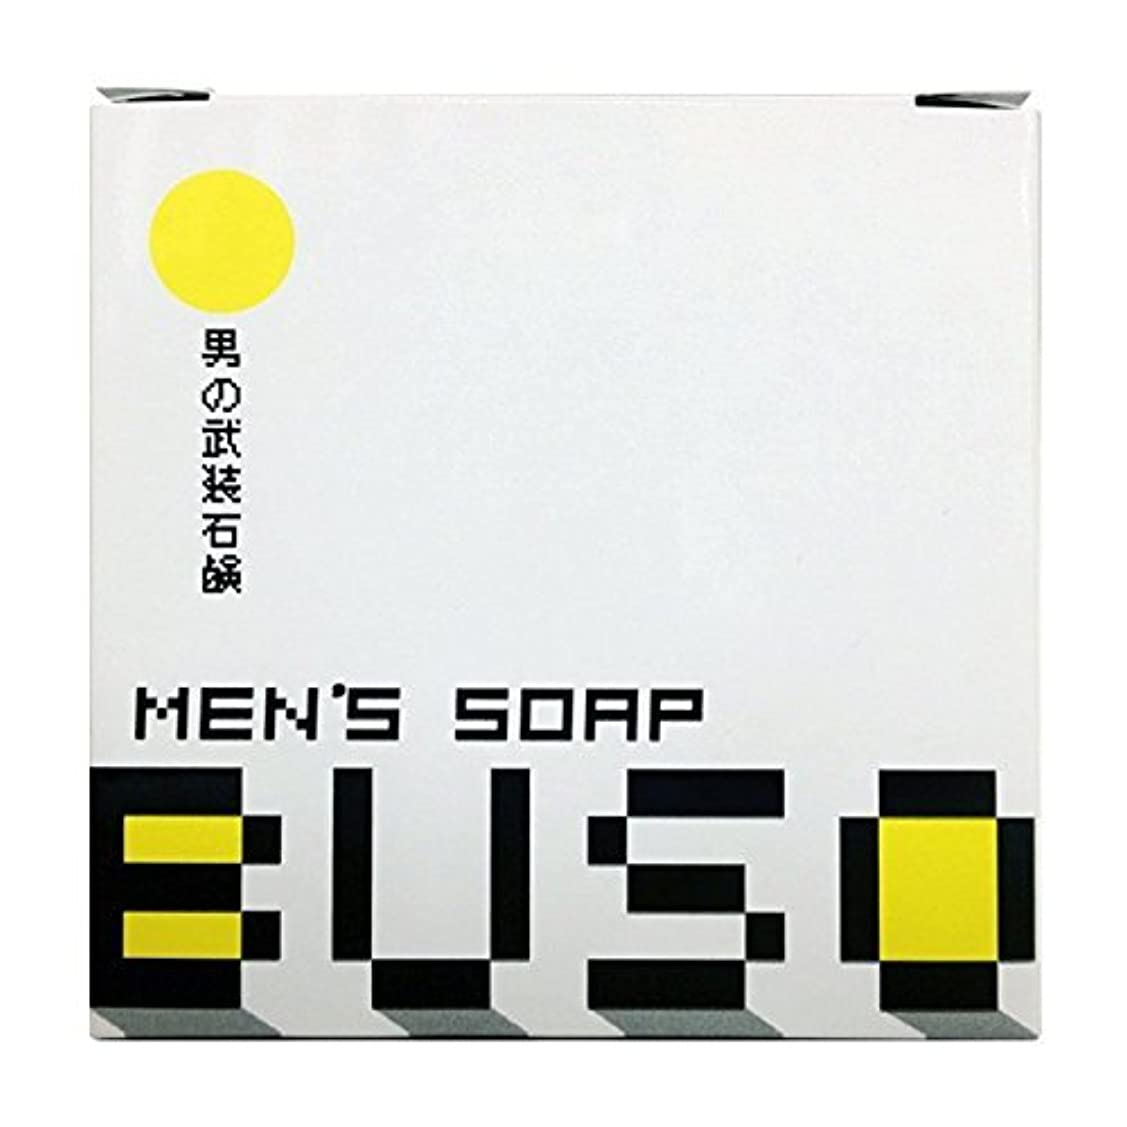 ボウリングポスト印象派恥男性美容石鹸 BUSO 武装 メンズソープ 1個 (泡立てネット付き)